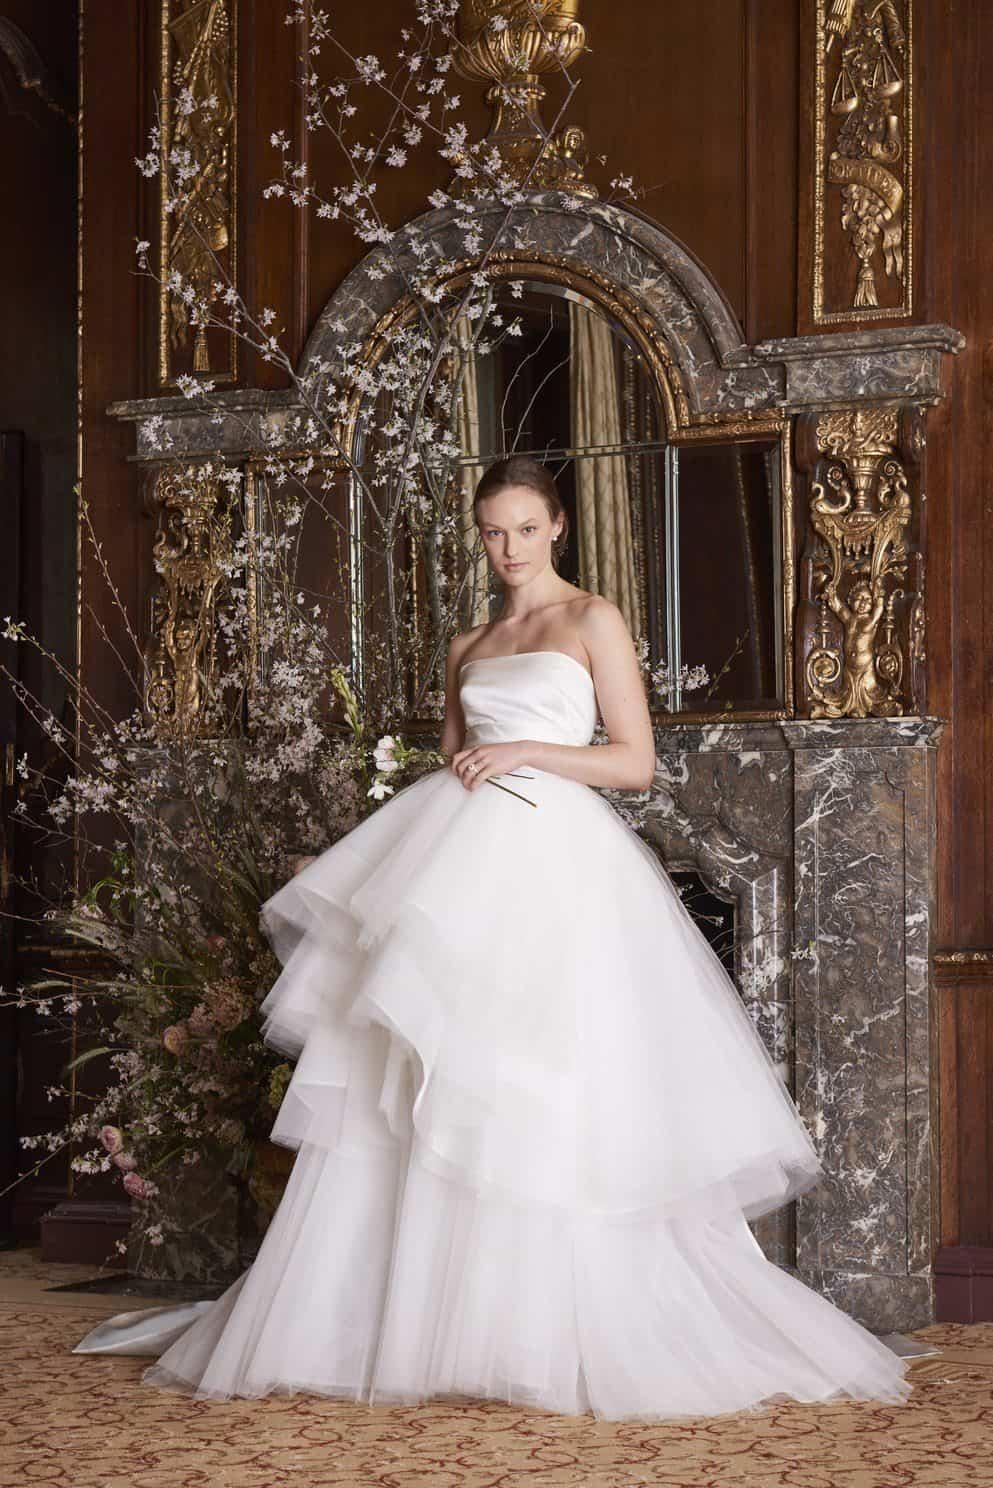 baile-monique-lhuillier-wedding-dresses-spring-2019-003